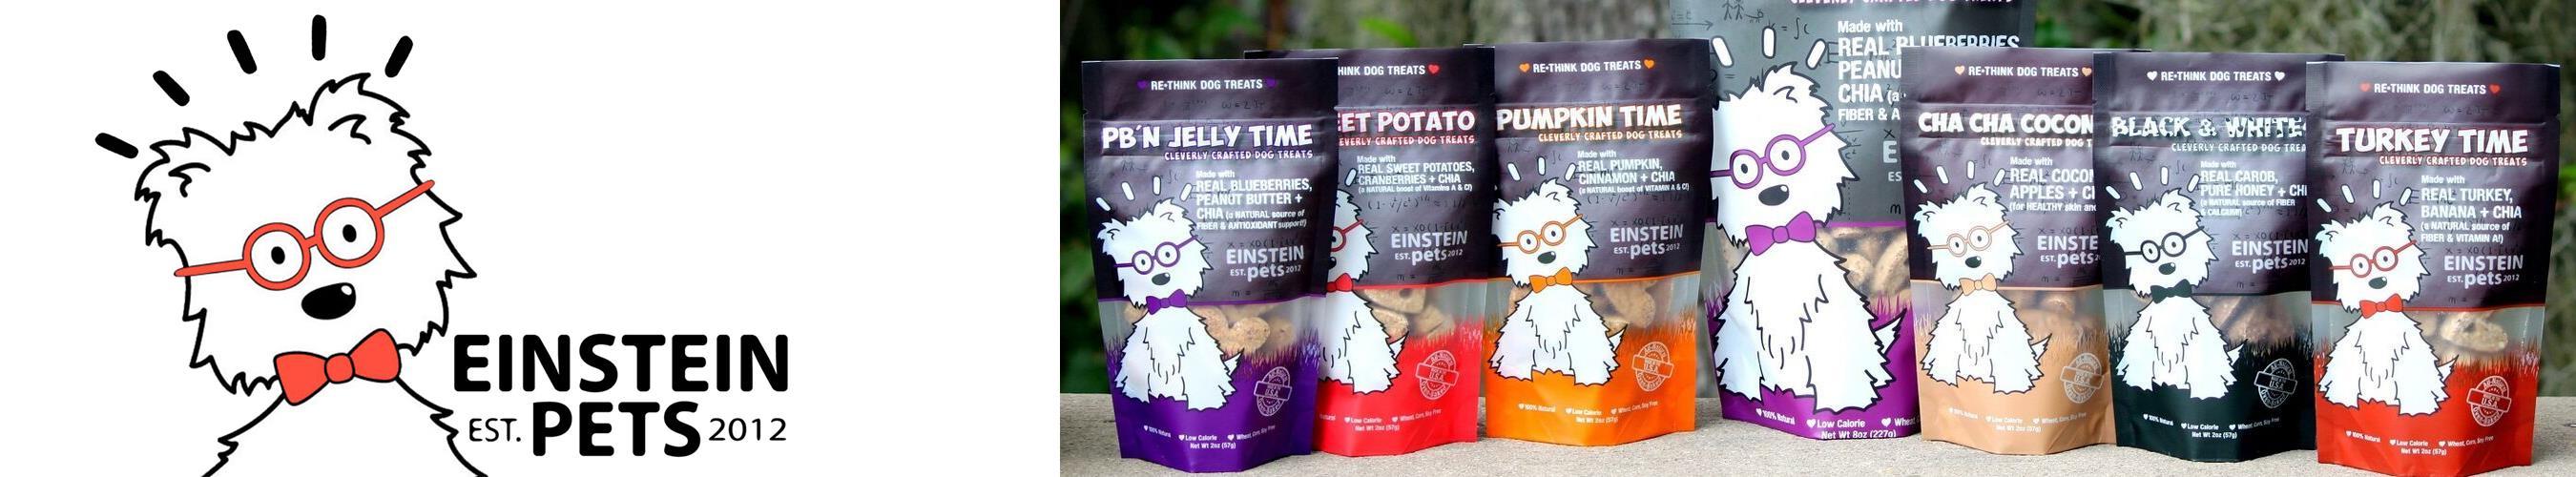 Einstein Pets LLC